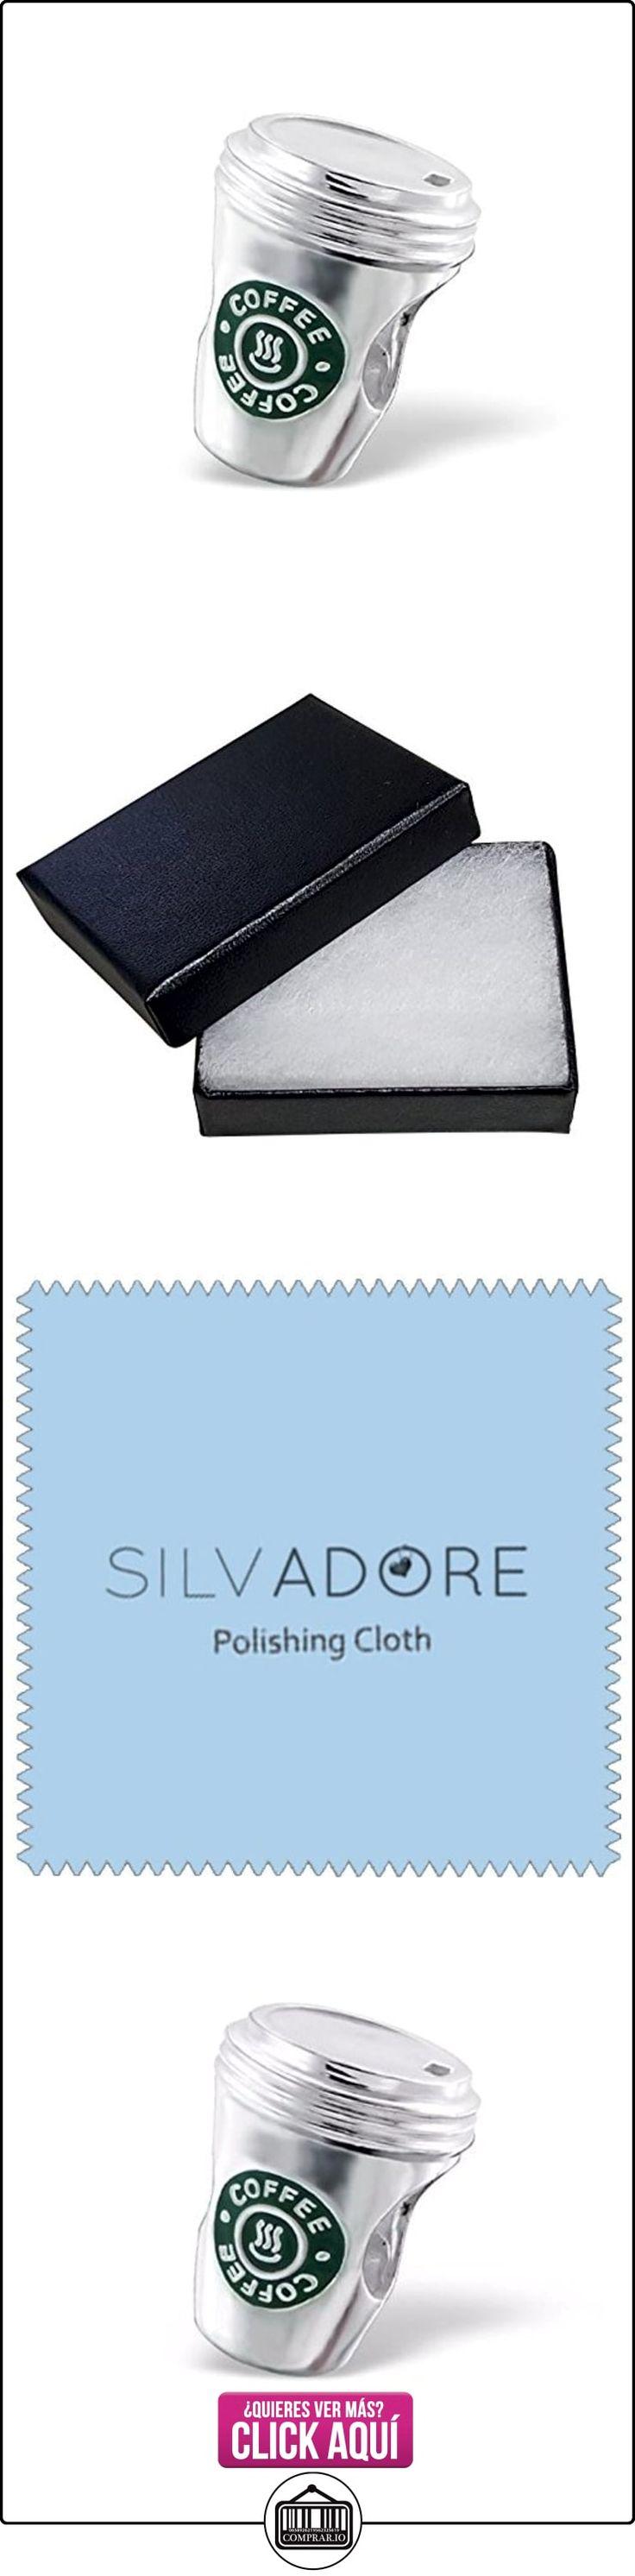 Silvadore-plateado cuentas-Starbucks estilo taza de café Bead-925Sterling encanto 3d tobogán en-se ajusta Pandora Pulsera Europea-en caja de regalo libre  ✿ Joyas para mujer - Las mejores ofertas ✿ ▬► Ver oferta: http://comprar.io/goto/B00YJUICJI